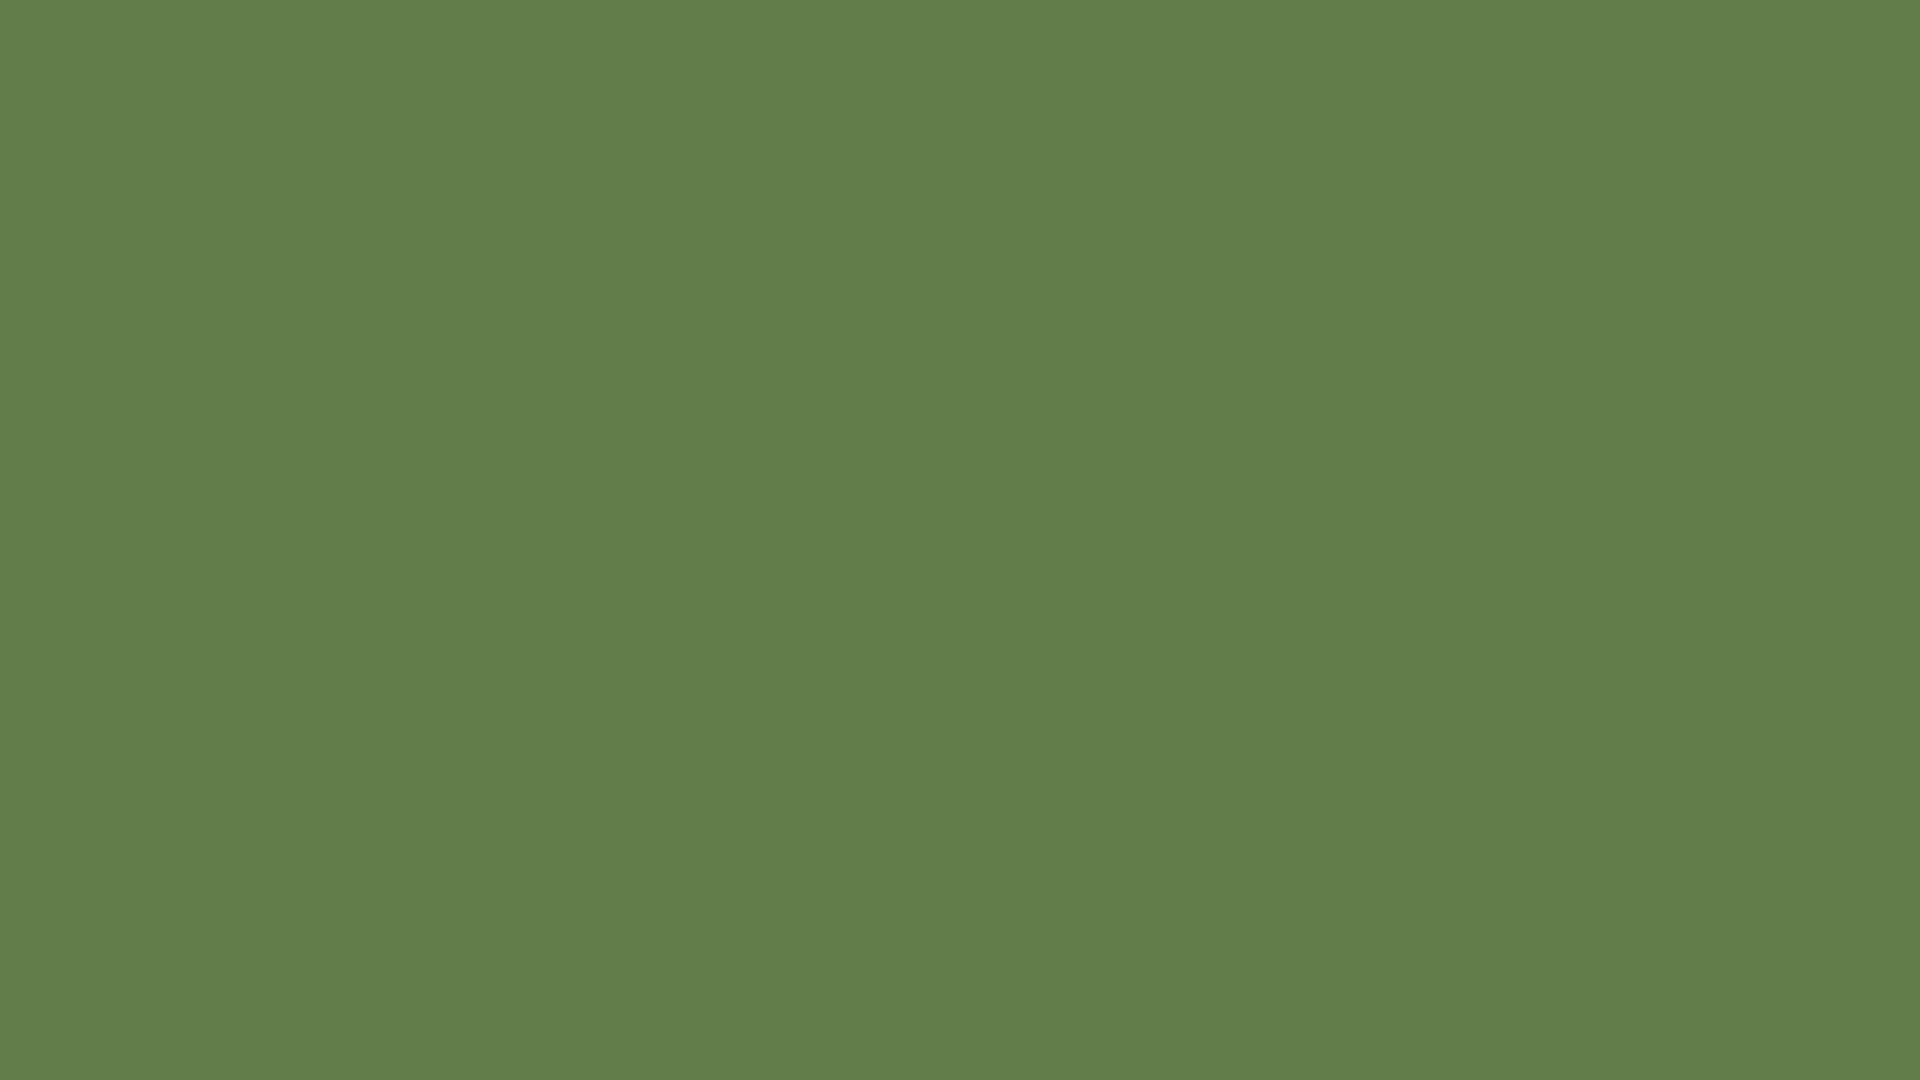 アイビー グリーン Pc スマートフォンの壁紙 スマートマイズ